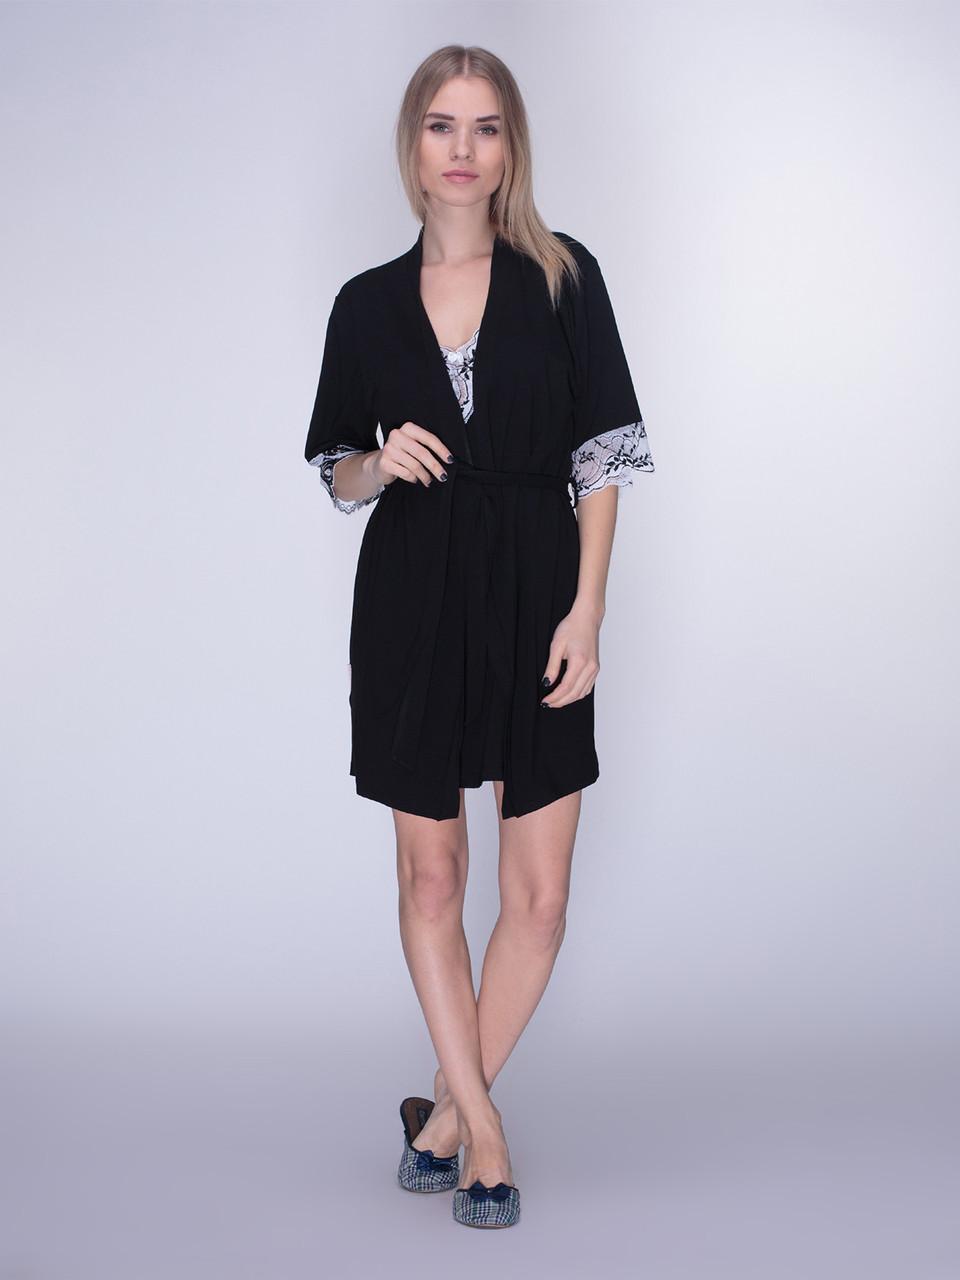 Комплект сорочка и халат вискоза с кружевом Serenade чёрный